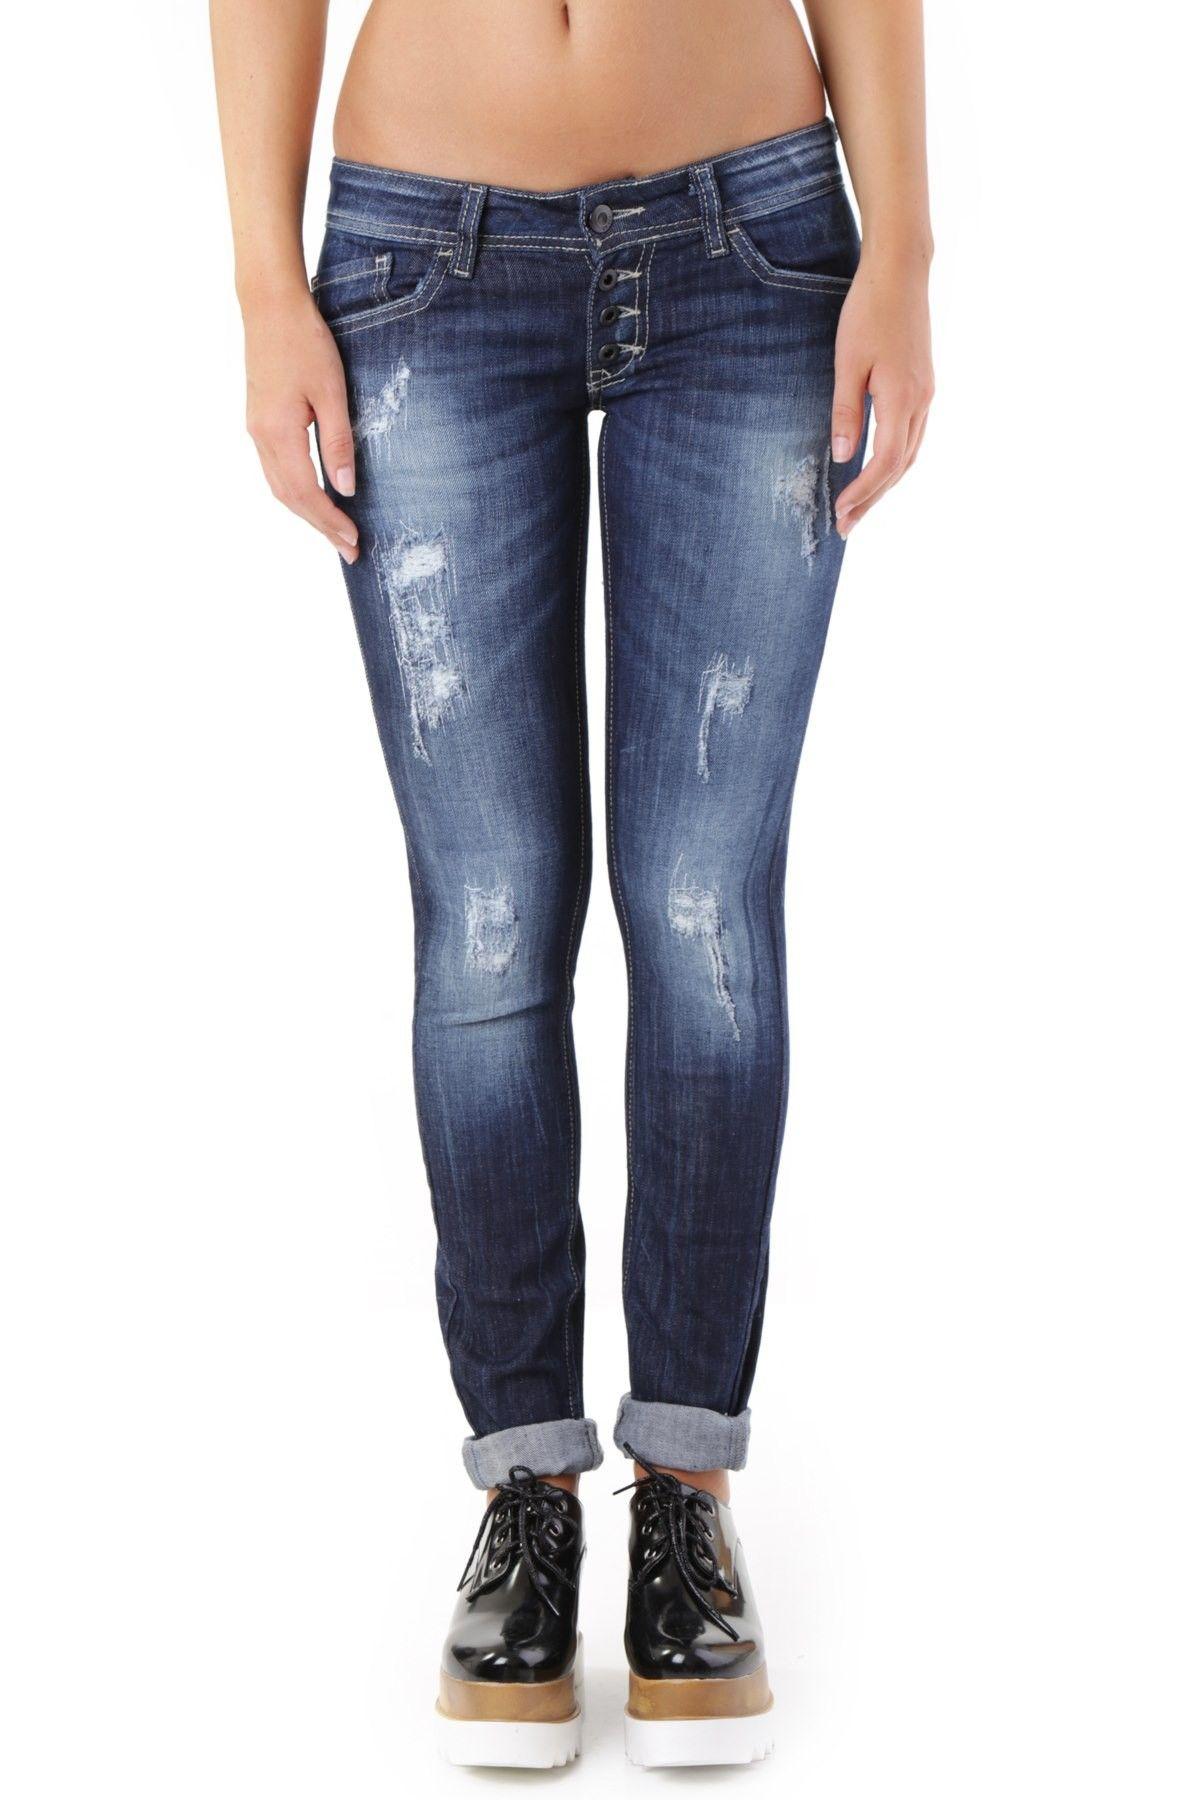 525 Women's Jeans In Blue